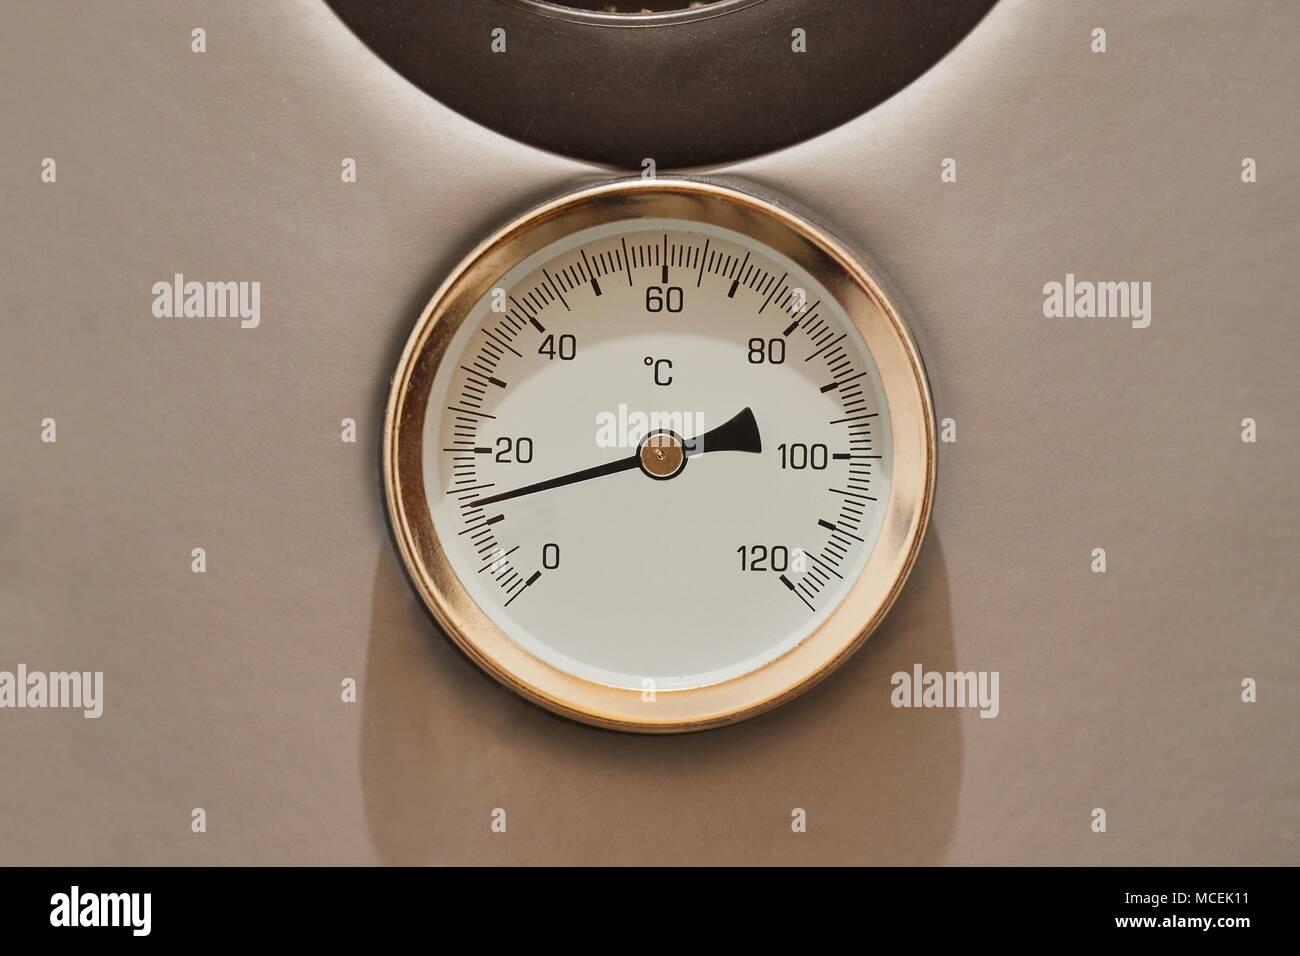 Großartig Unter Druck Stehendes Heißes Wasser Ideen - Schaltplan ...